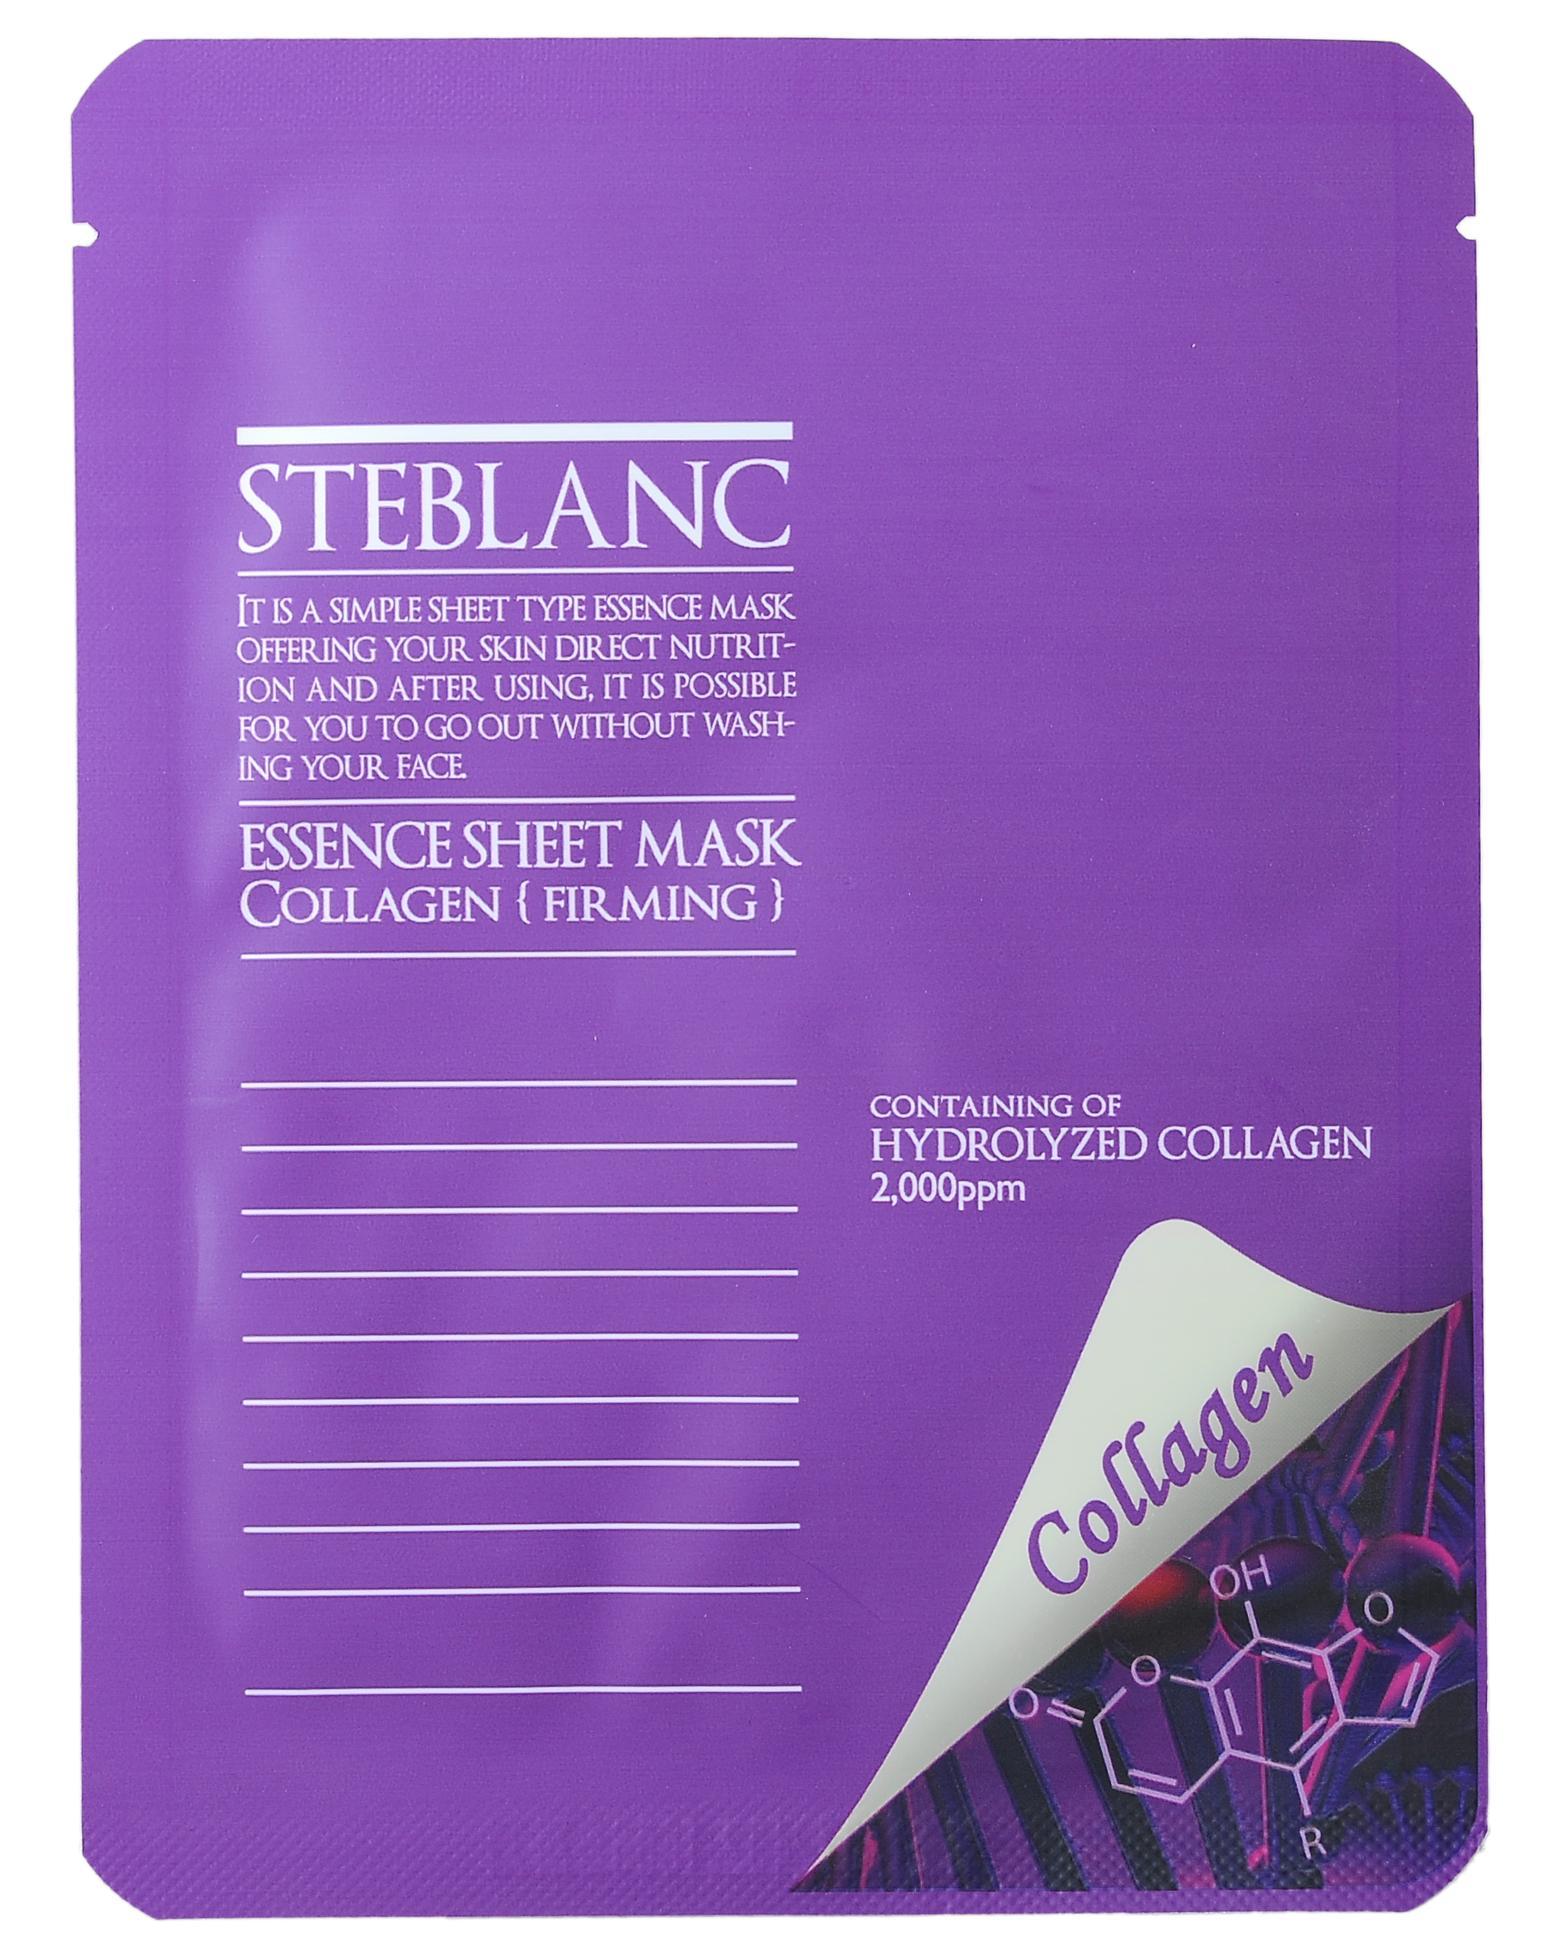 STEBLANC Маска тканевая укрепляющая с гидролизованным коллагеном для лица / Essence Sheet Mask Collagen 25 г